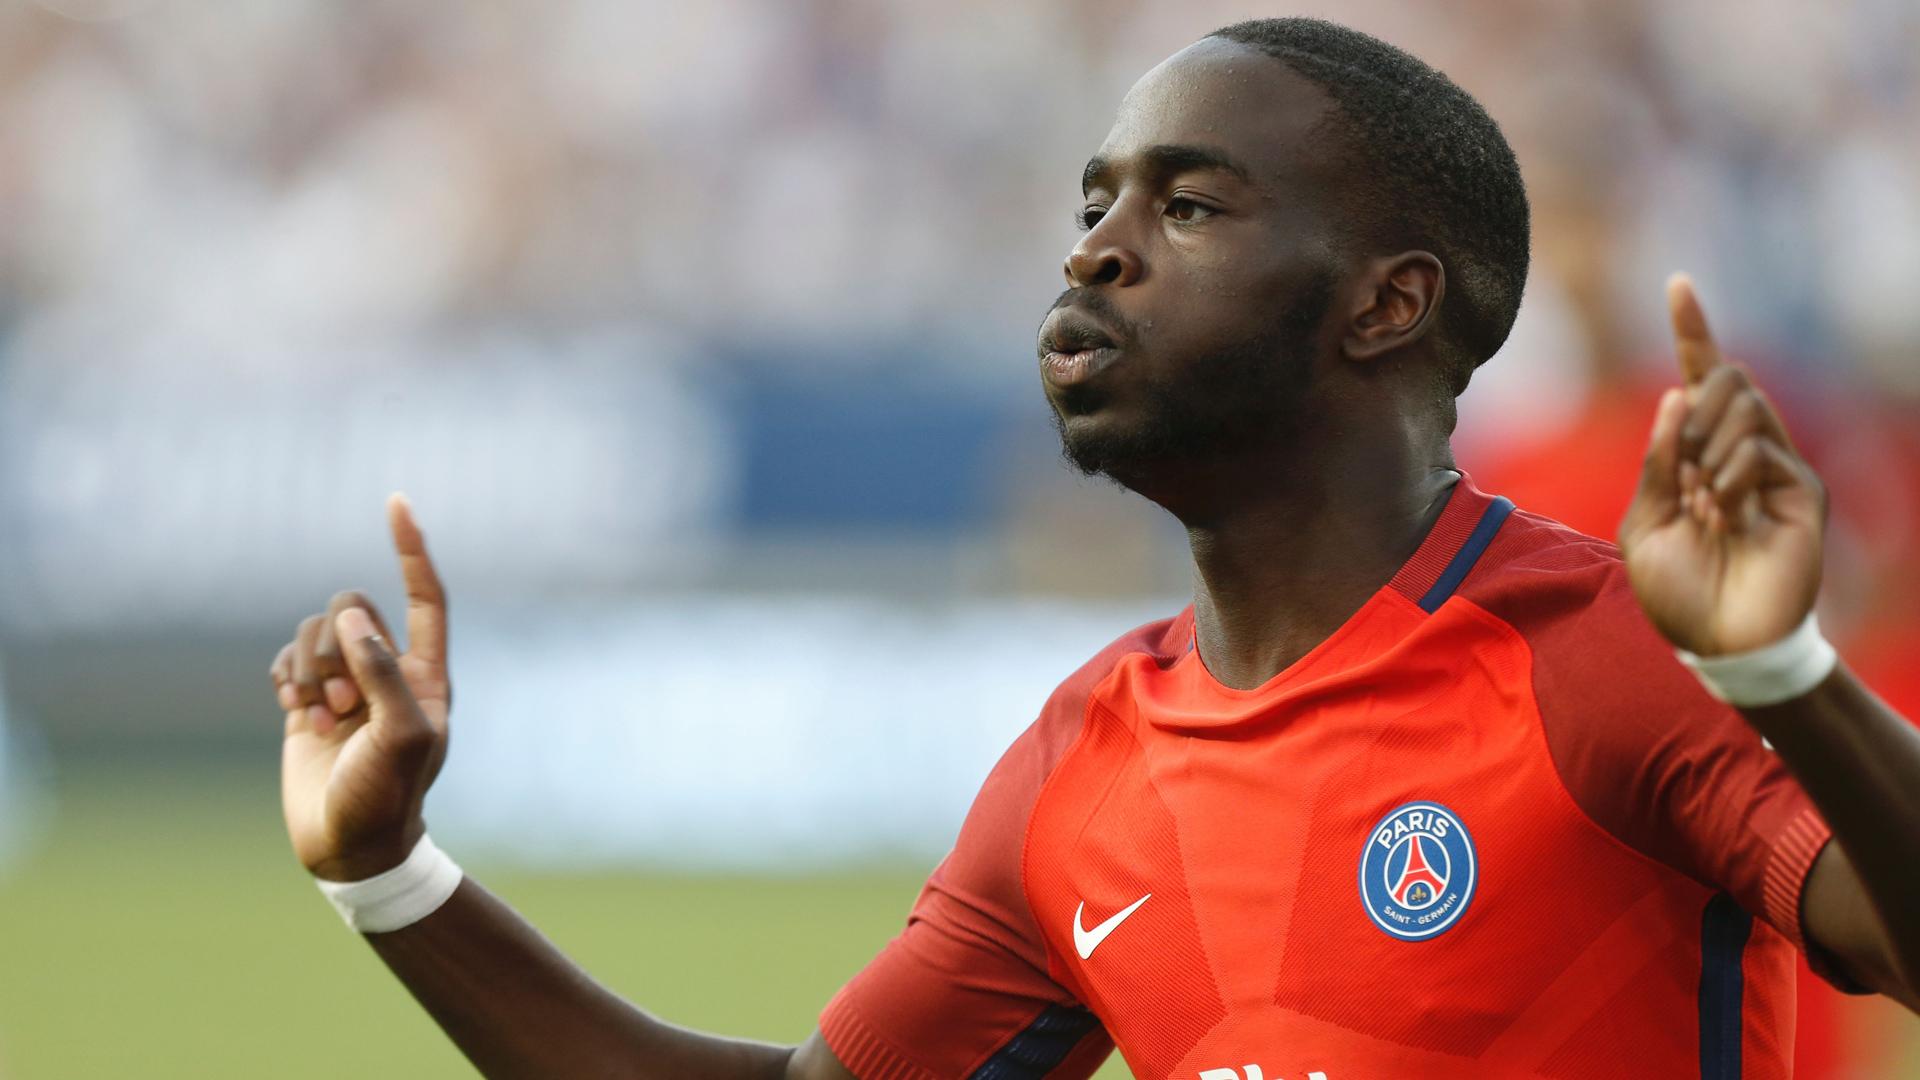 Le PSG se qualifie pour les huitièmes de finale en Youth League